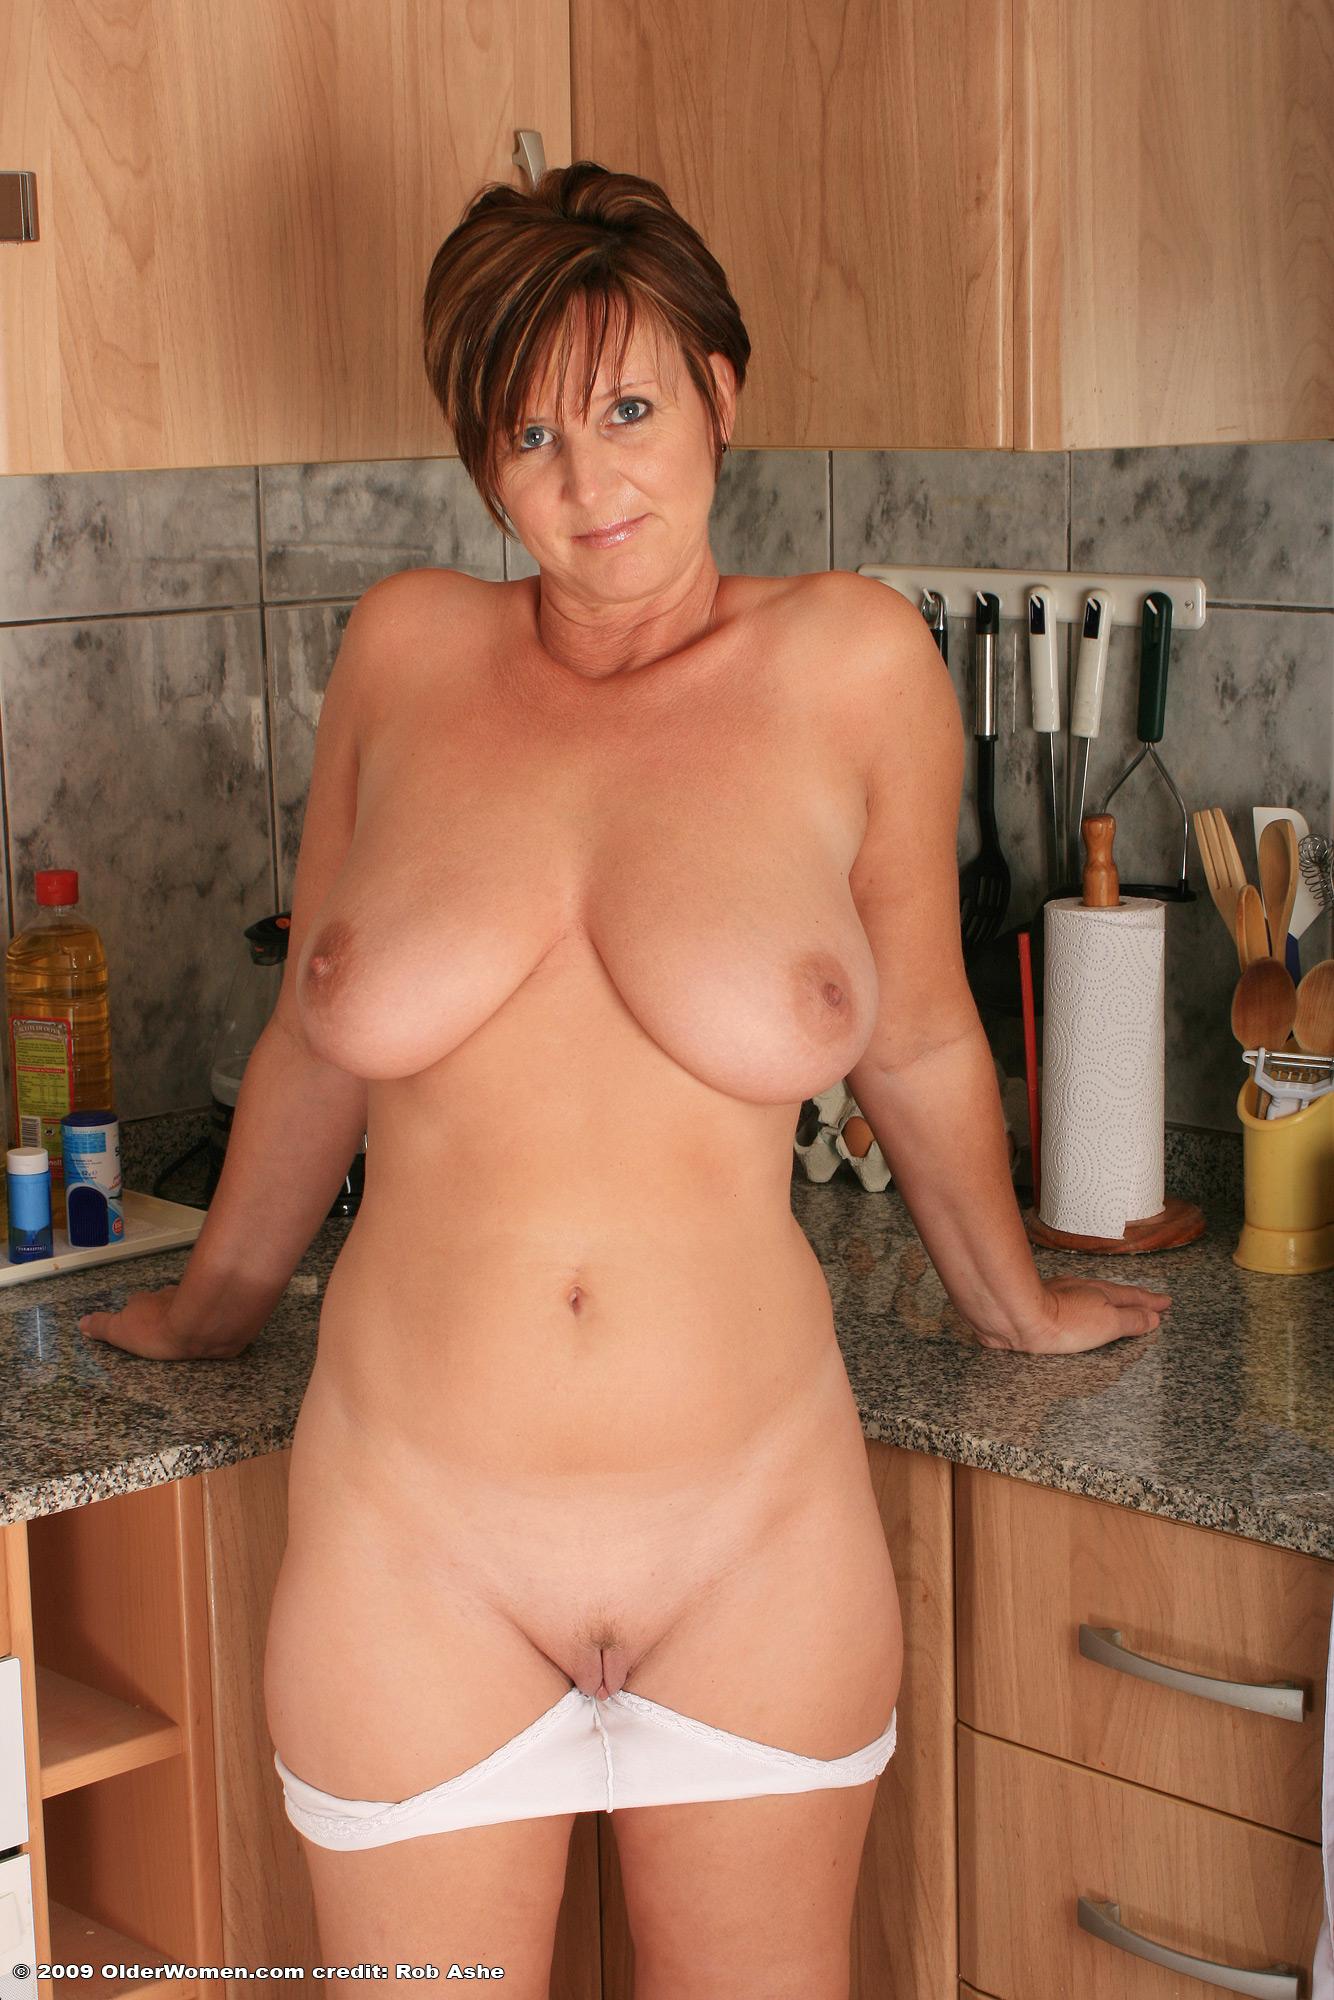 older women naked candid